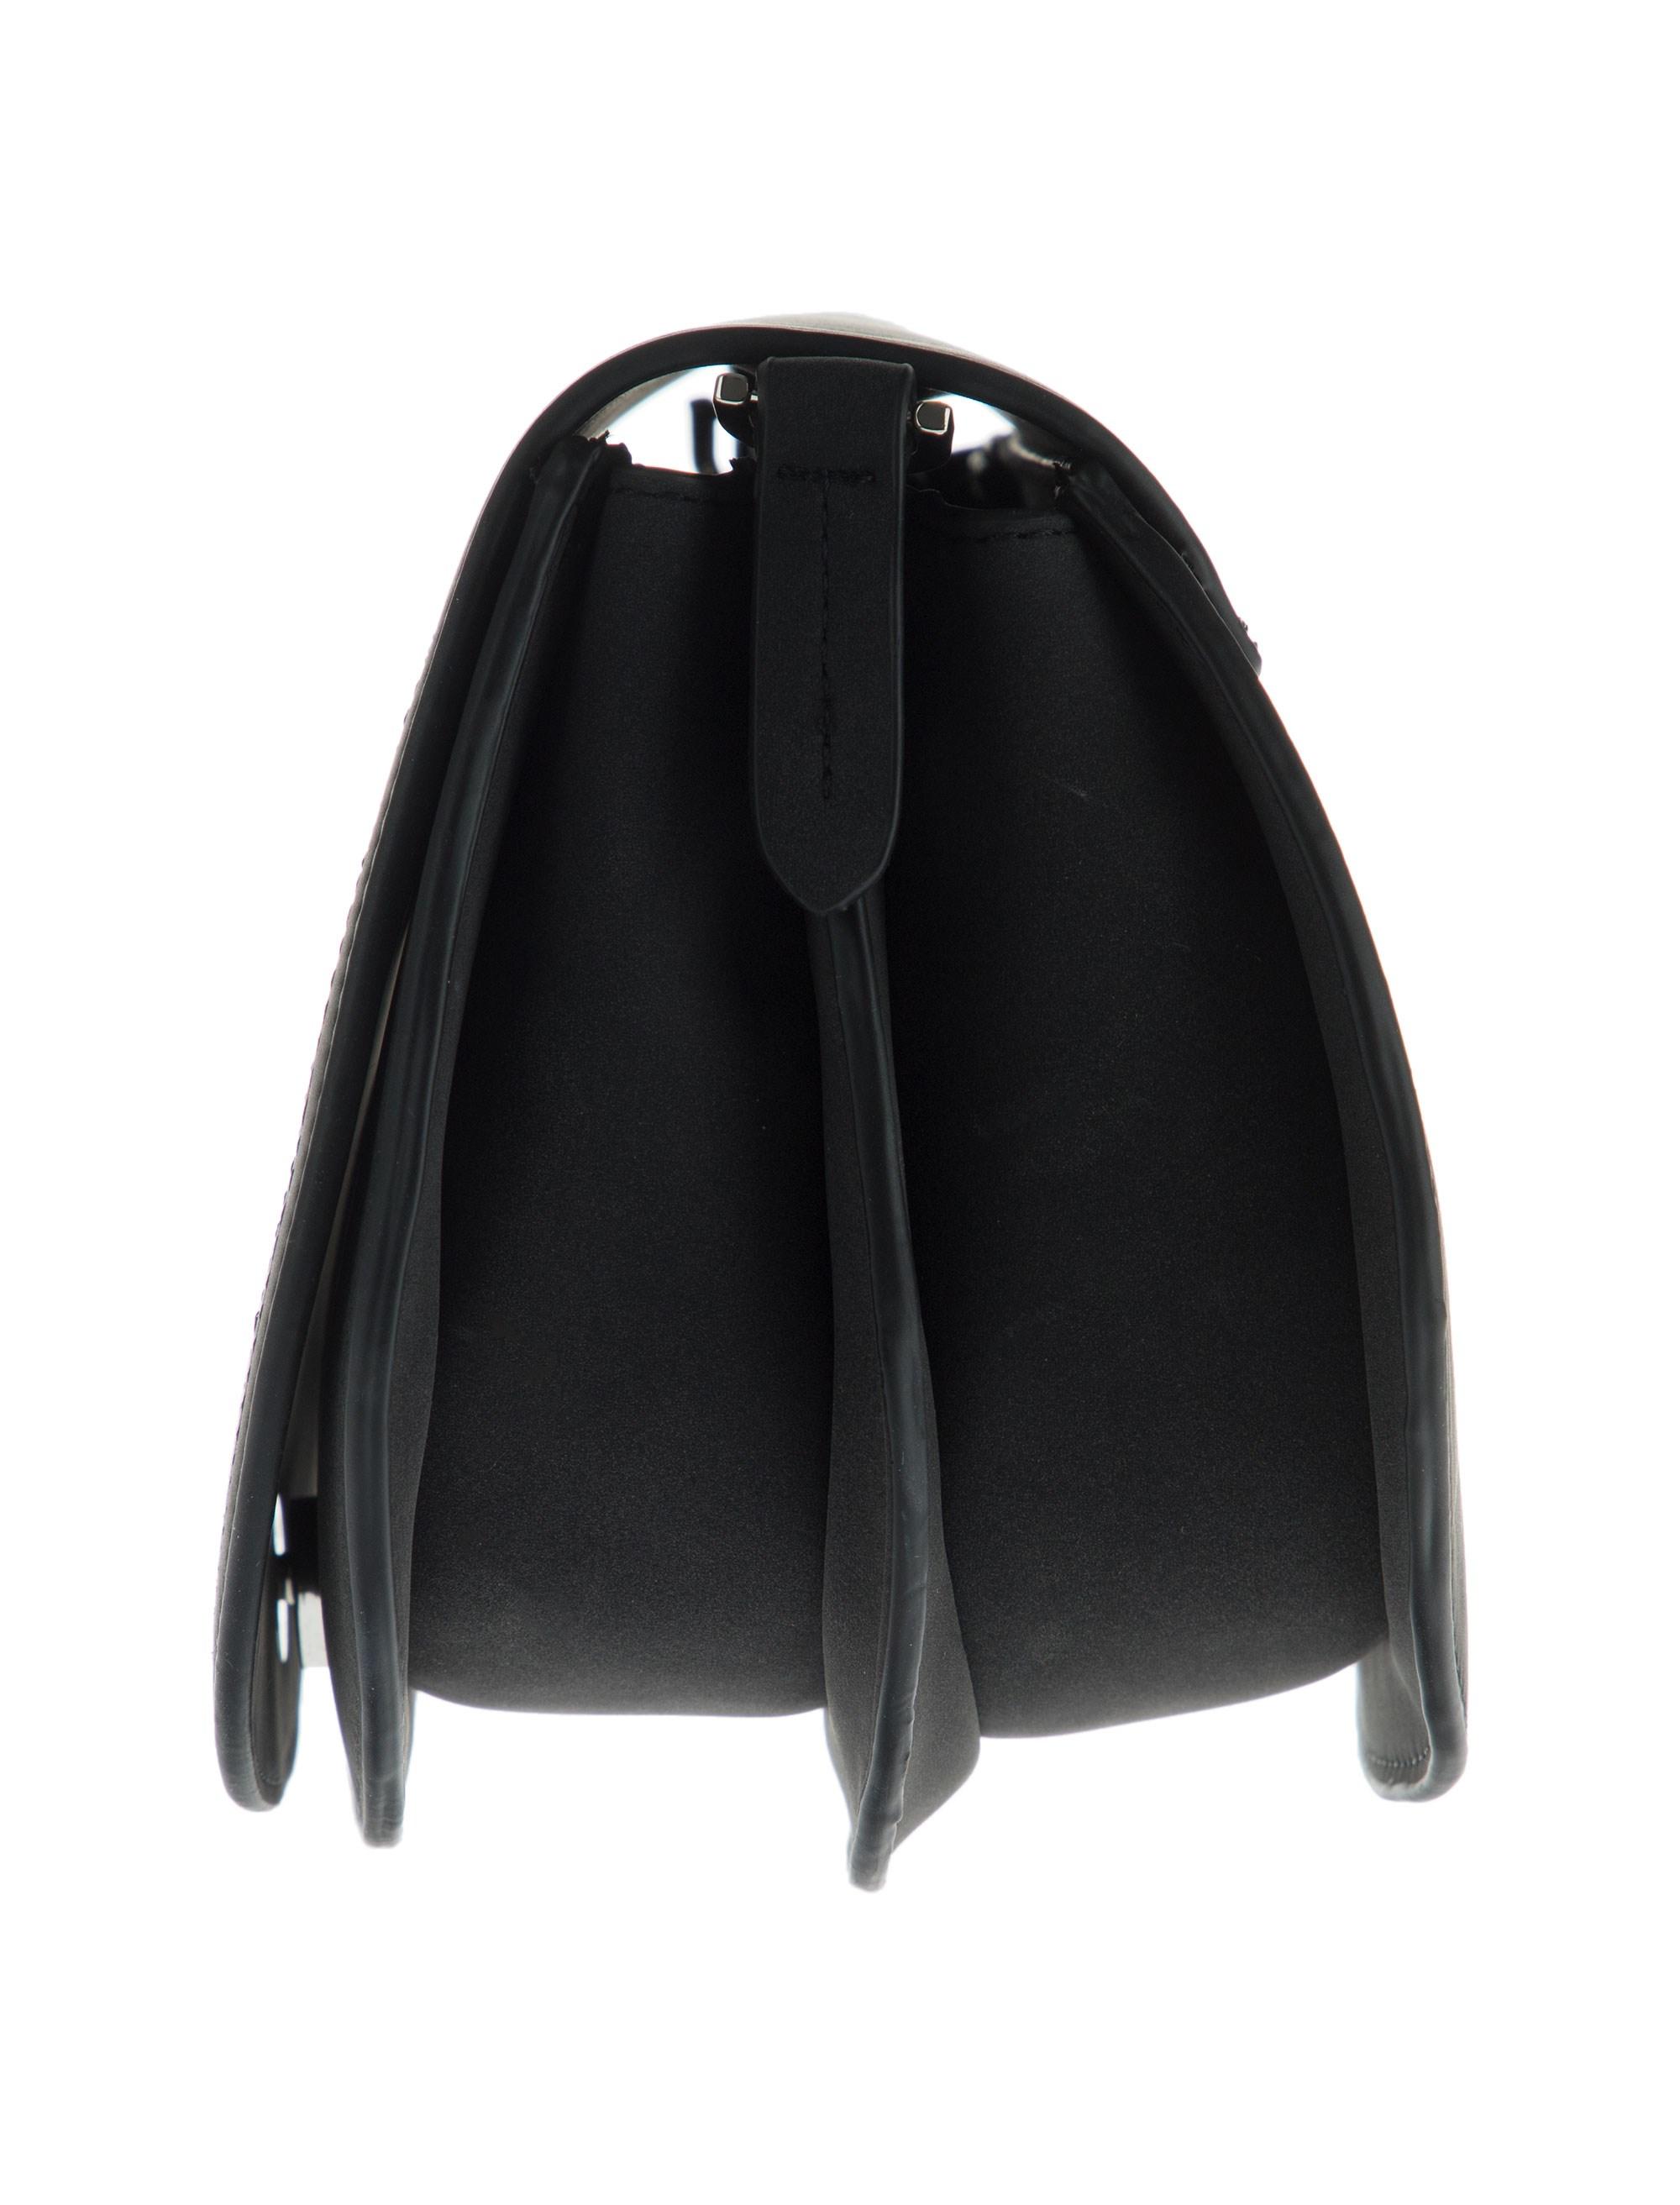 کیف دوشی روزمره زنانه - آبجکت تک سایز - مشکي - 8